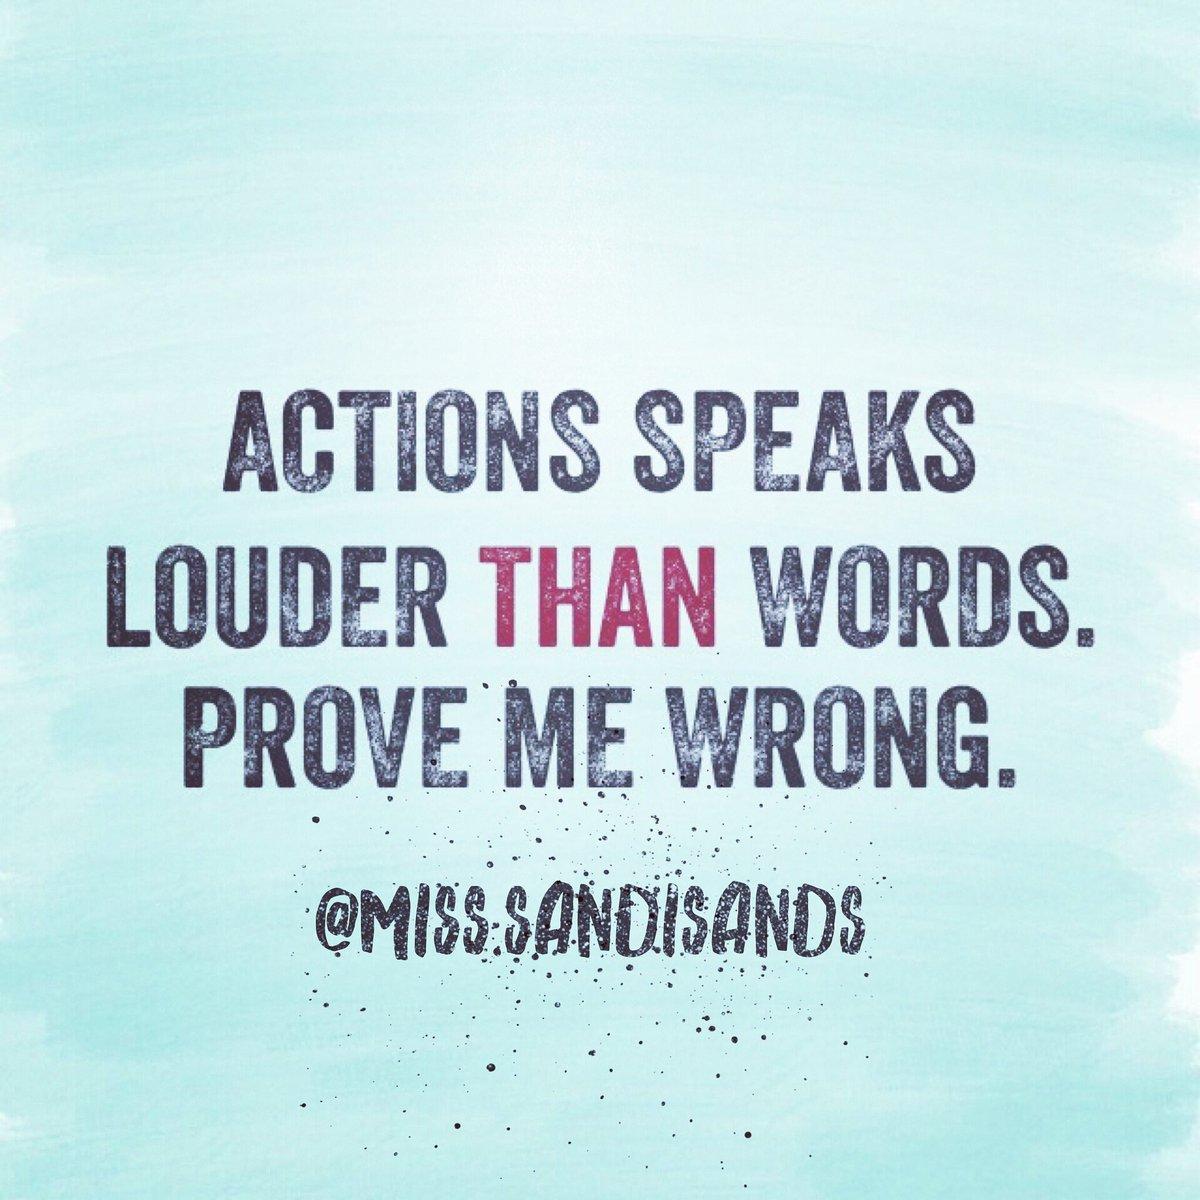 S A N D I S A N D S On Twitter Sandisands Quotes Amwriting